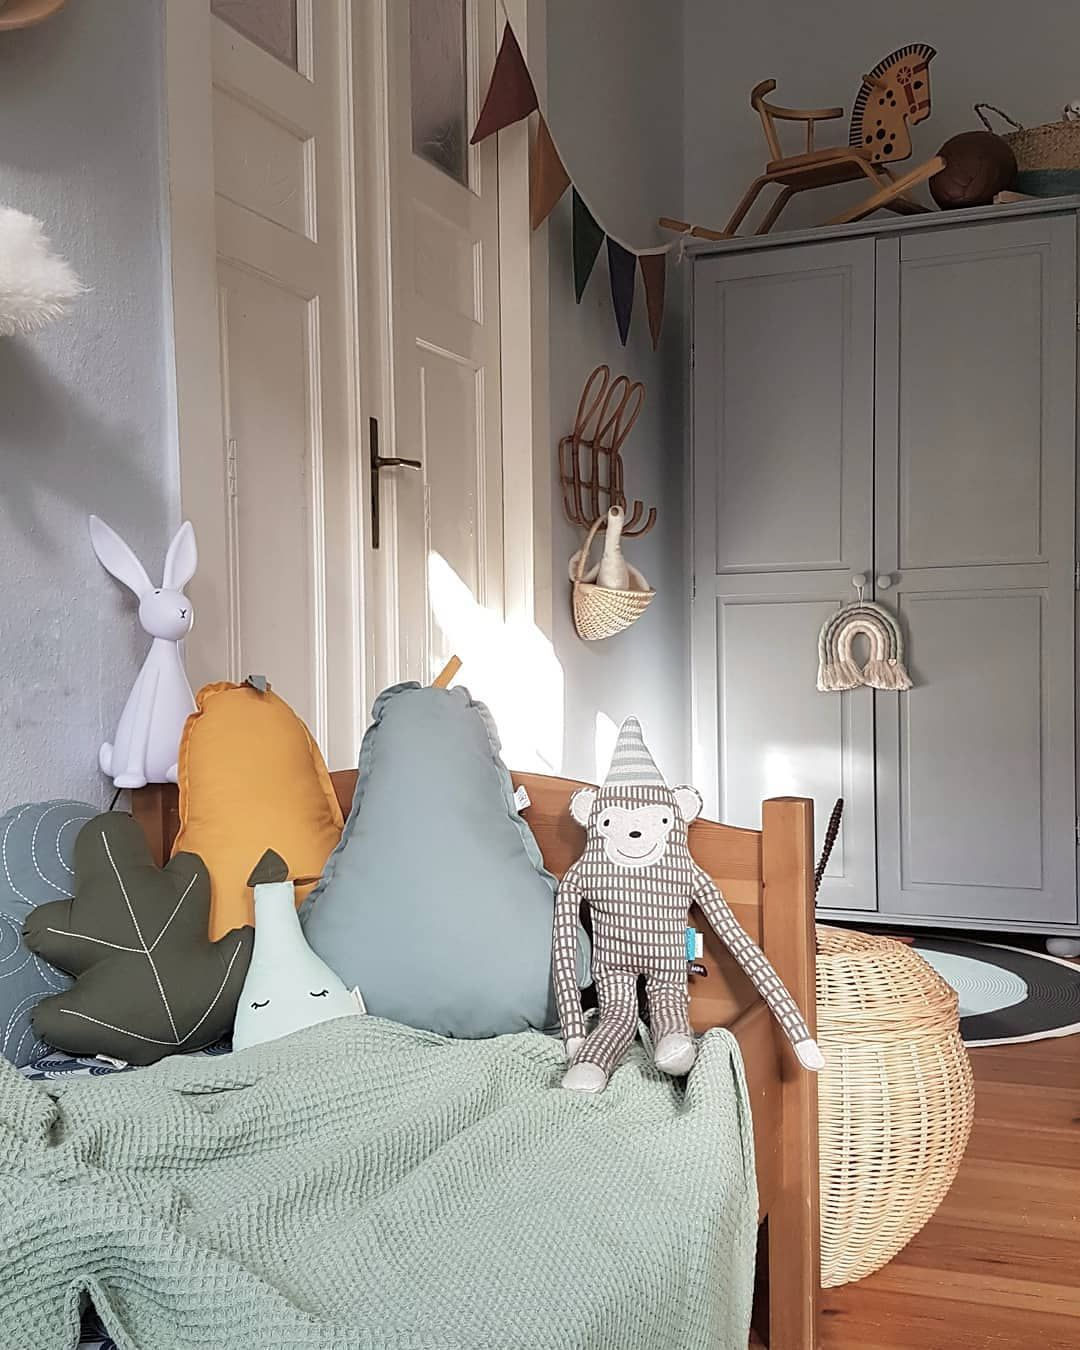 """Susanne  , Potsdam ,Germany on Instagram: """"Werbung/Verlinkung . . . Guten Morgen aus dem Kinderzimmer!🌞 Zwei von vier Kindern schlafen tatsächlich noch und wir,die wach sind…"""""""